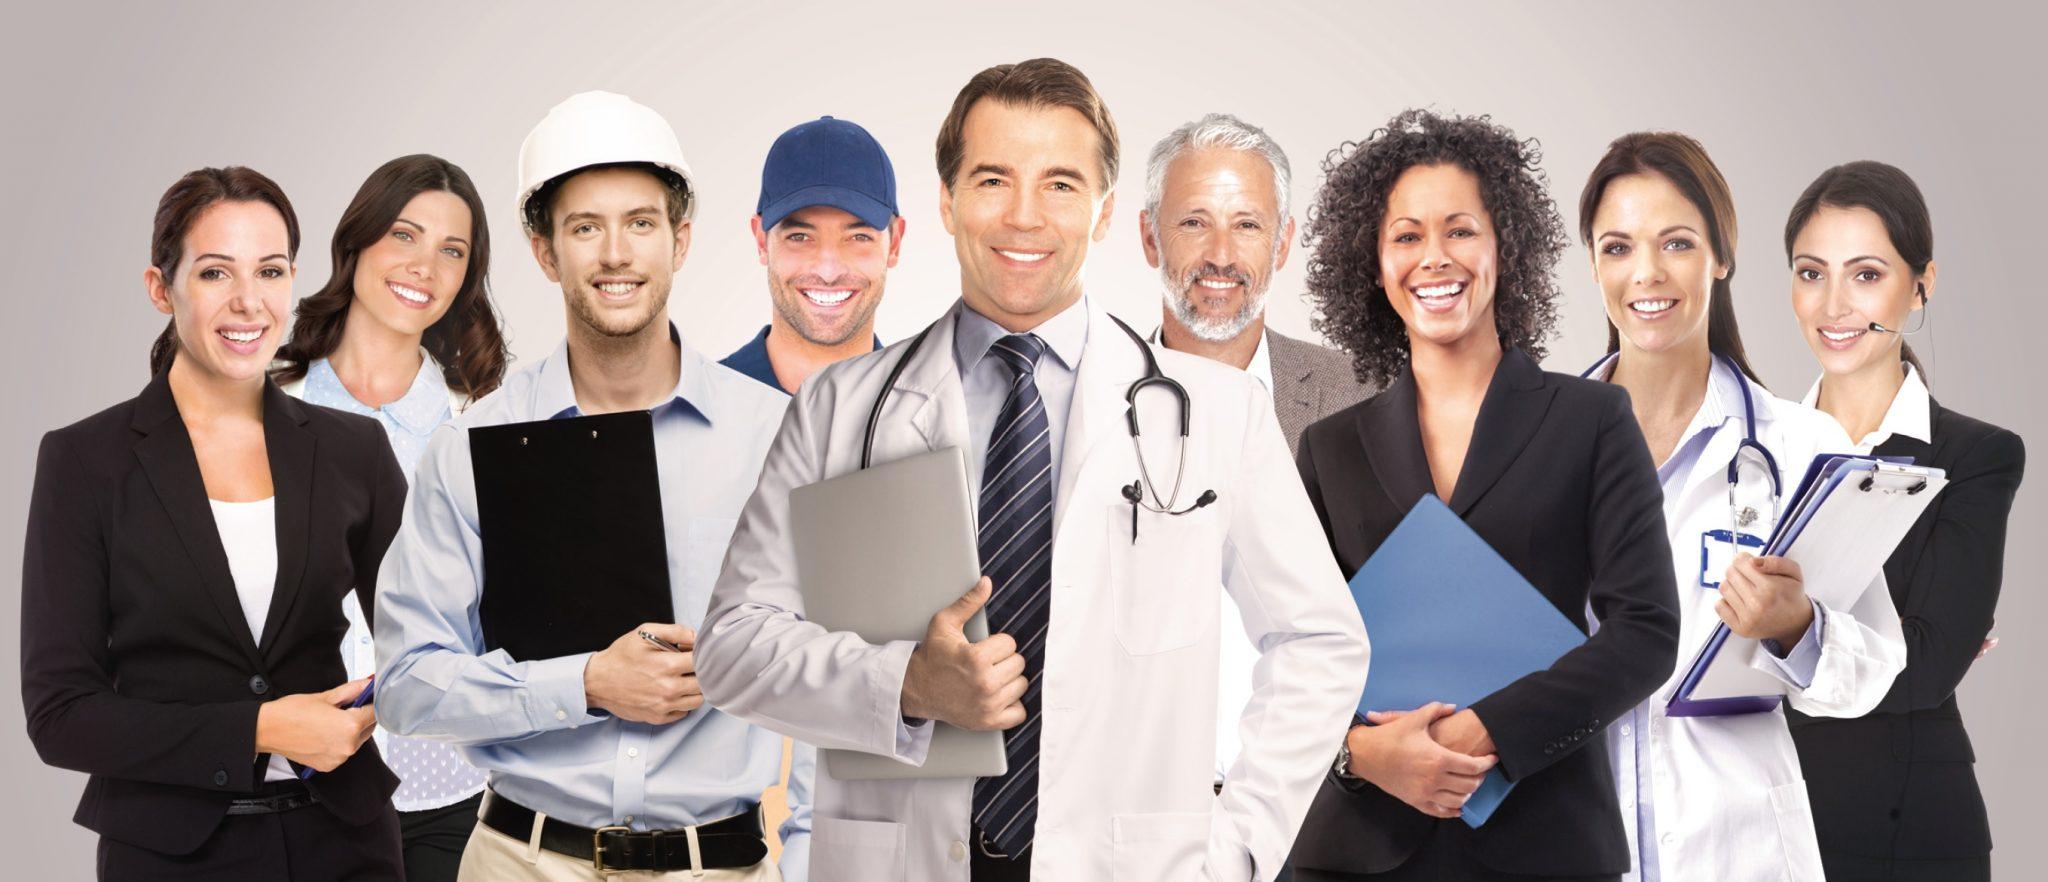 Saúde Ocupacional – Qual A Importância Para Uma Empresa?